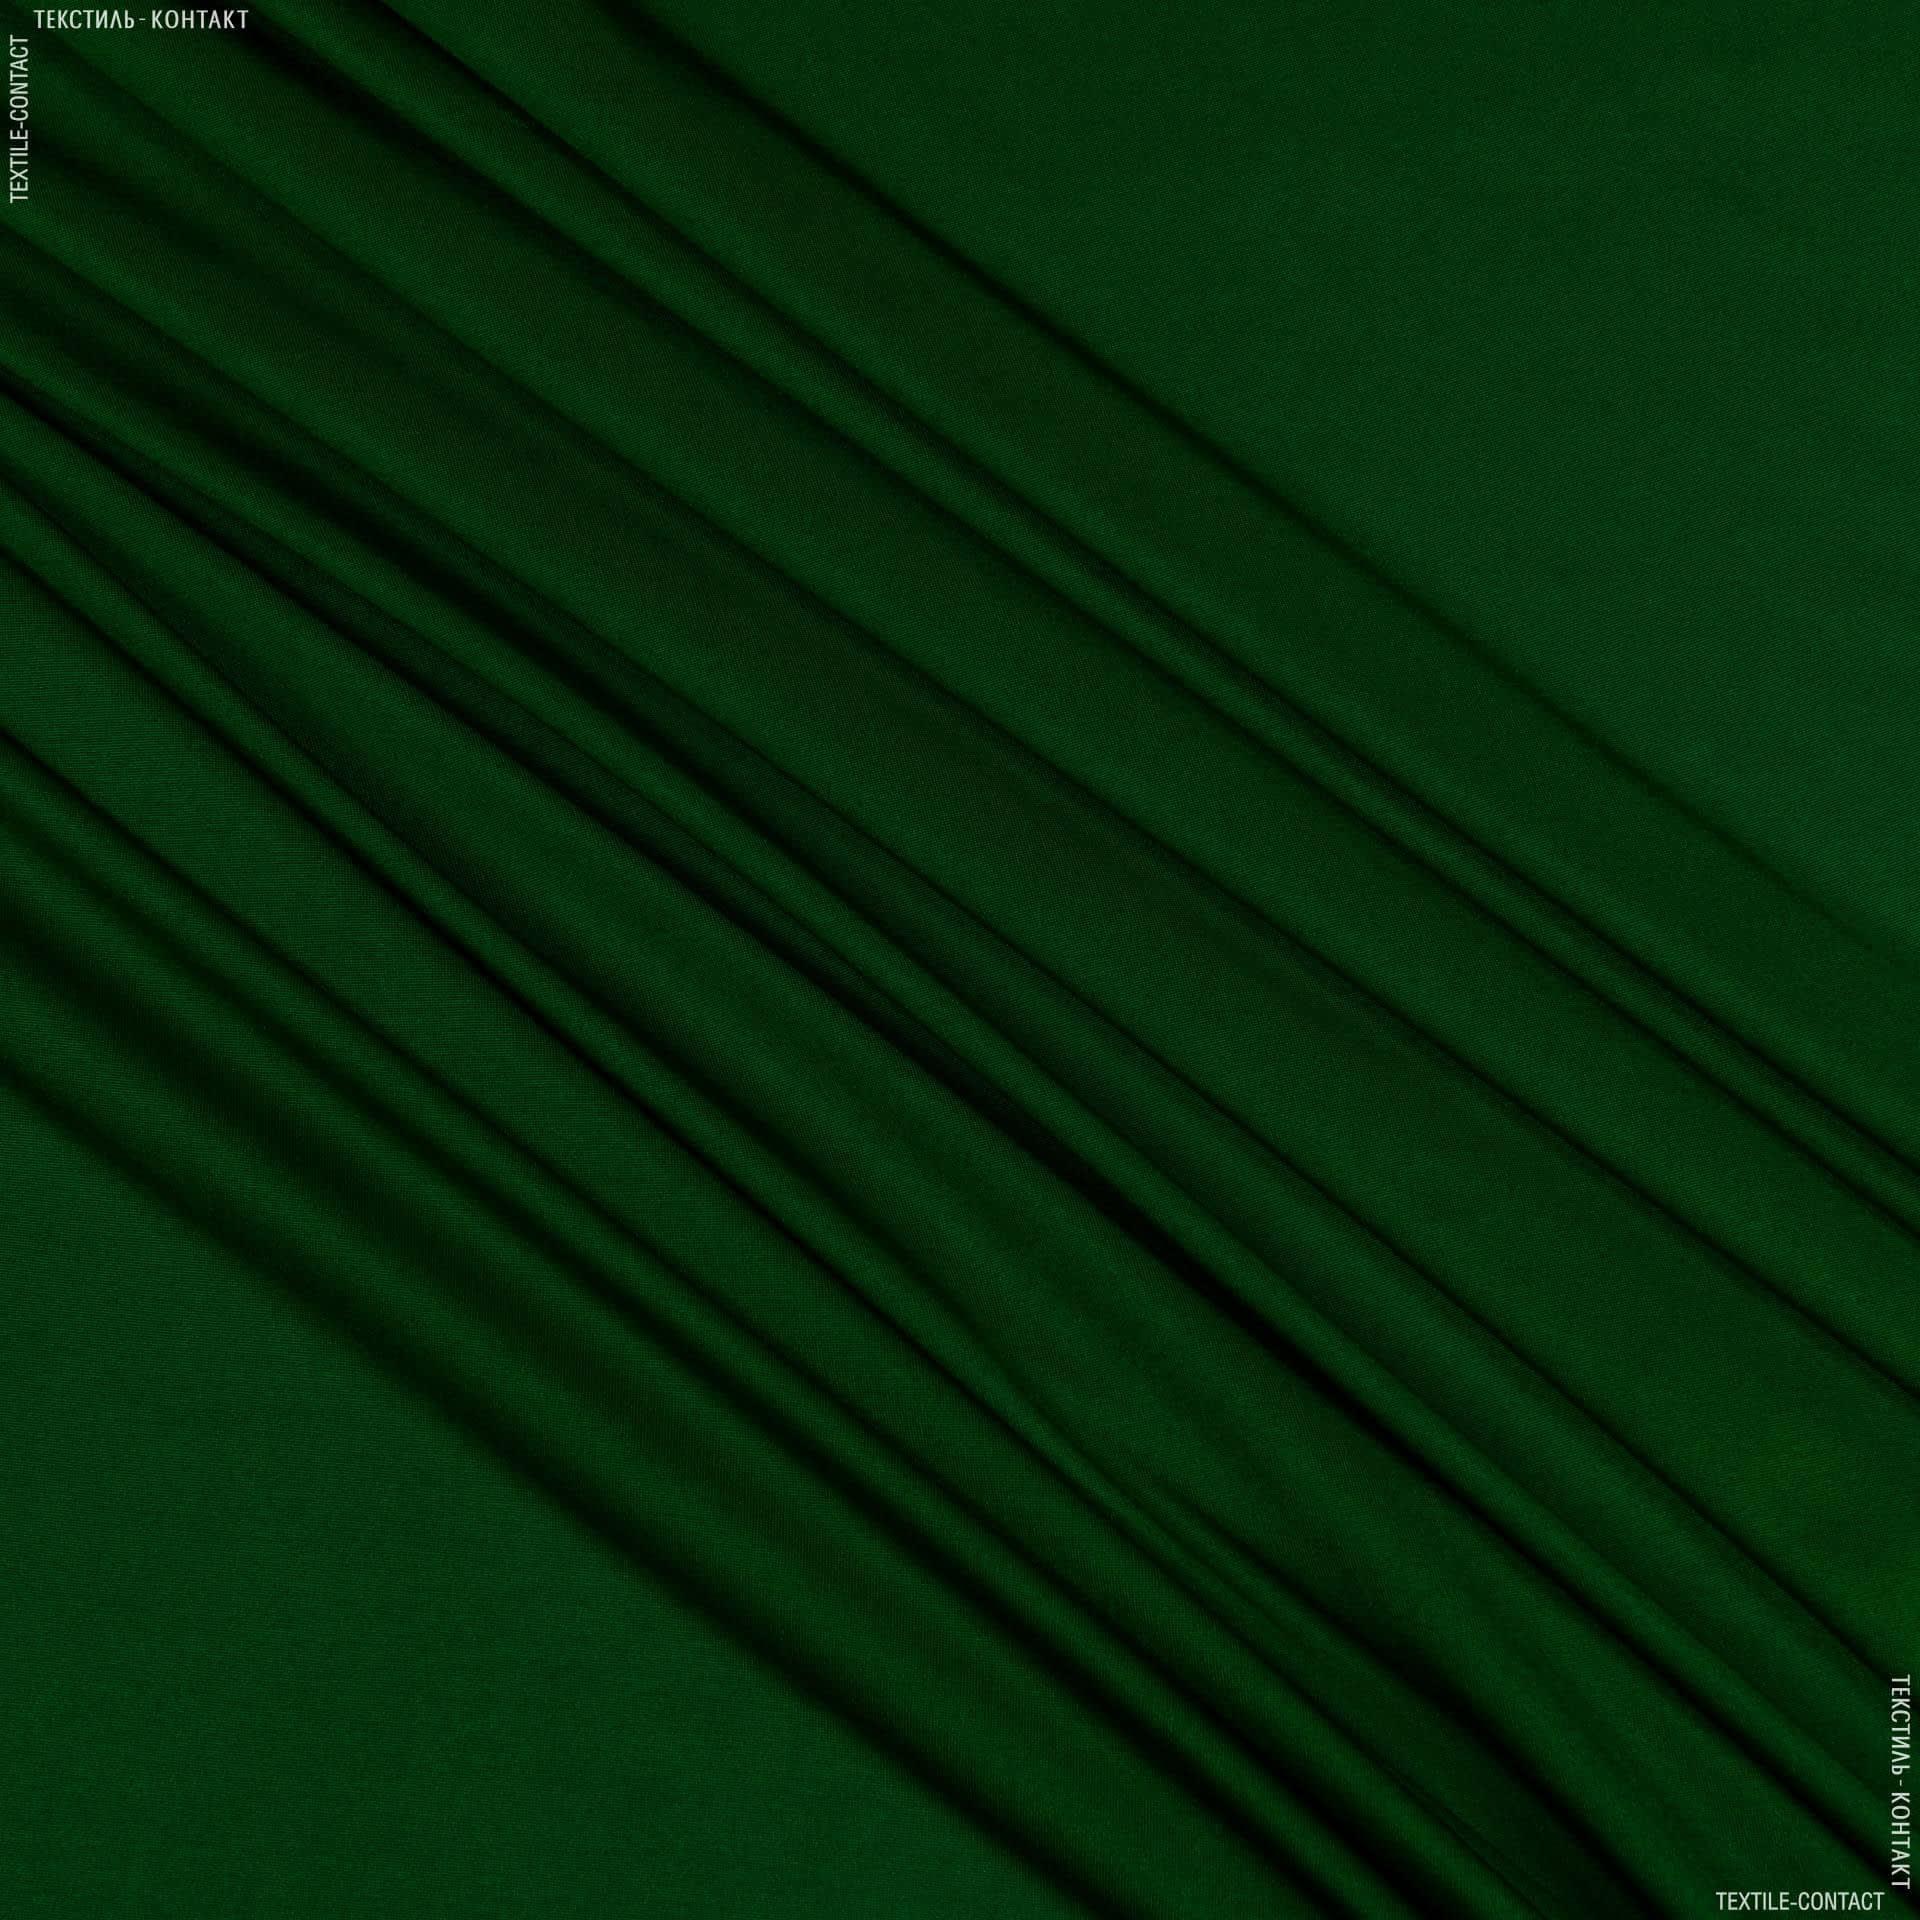 Ткани для платьев - Трикотаж жасмин светло-зеленый/трава